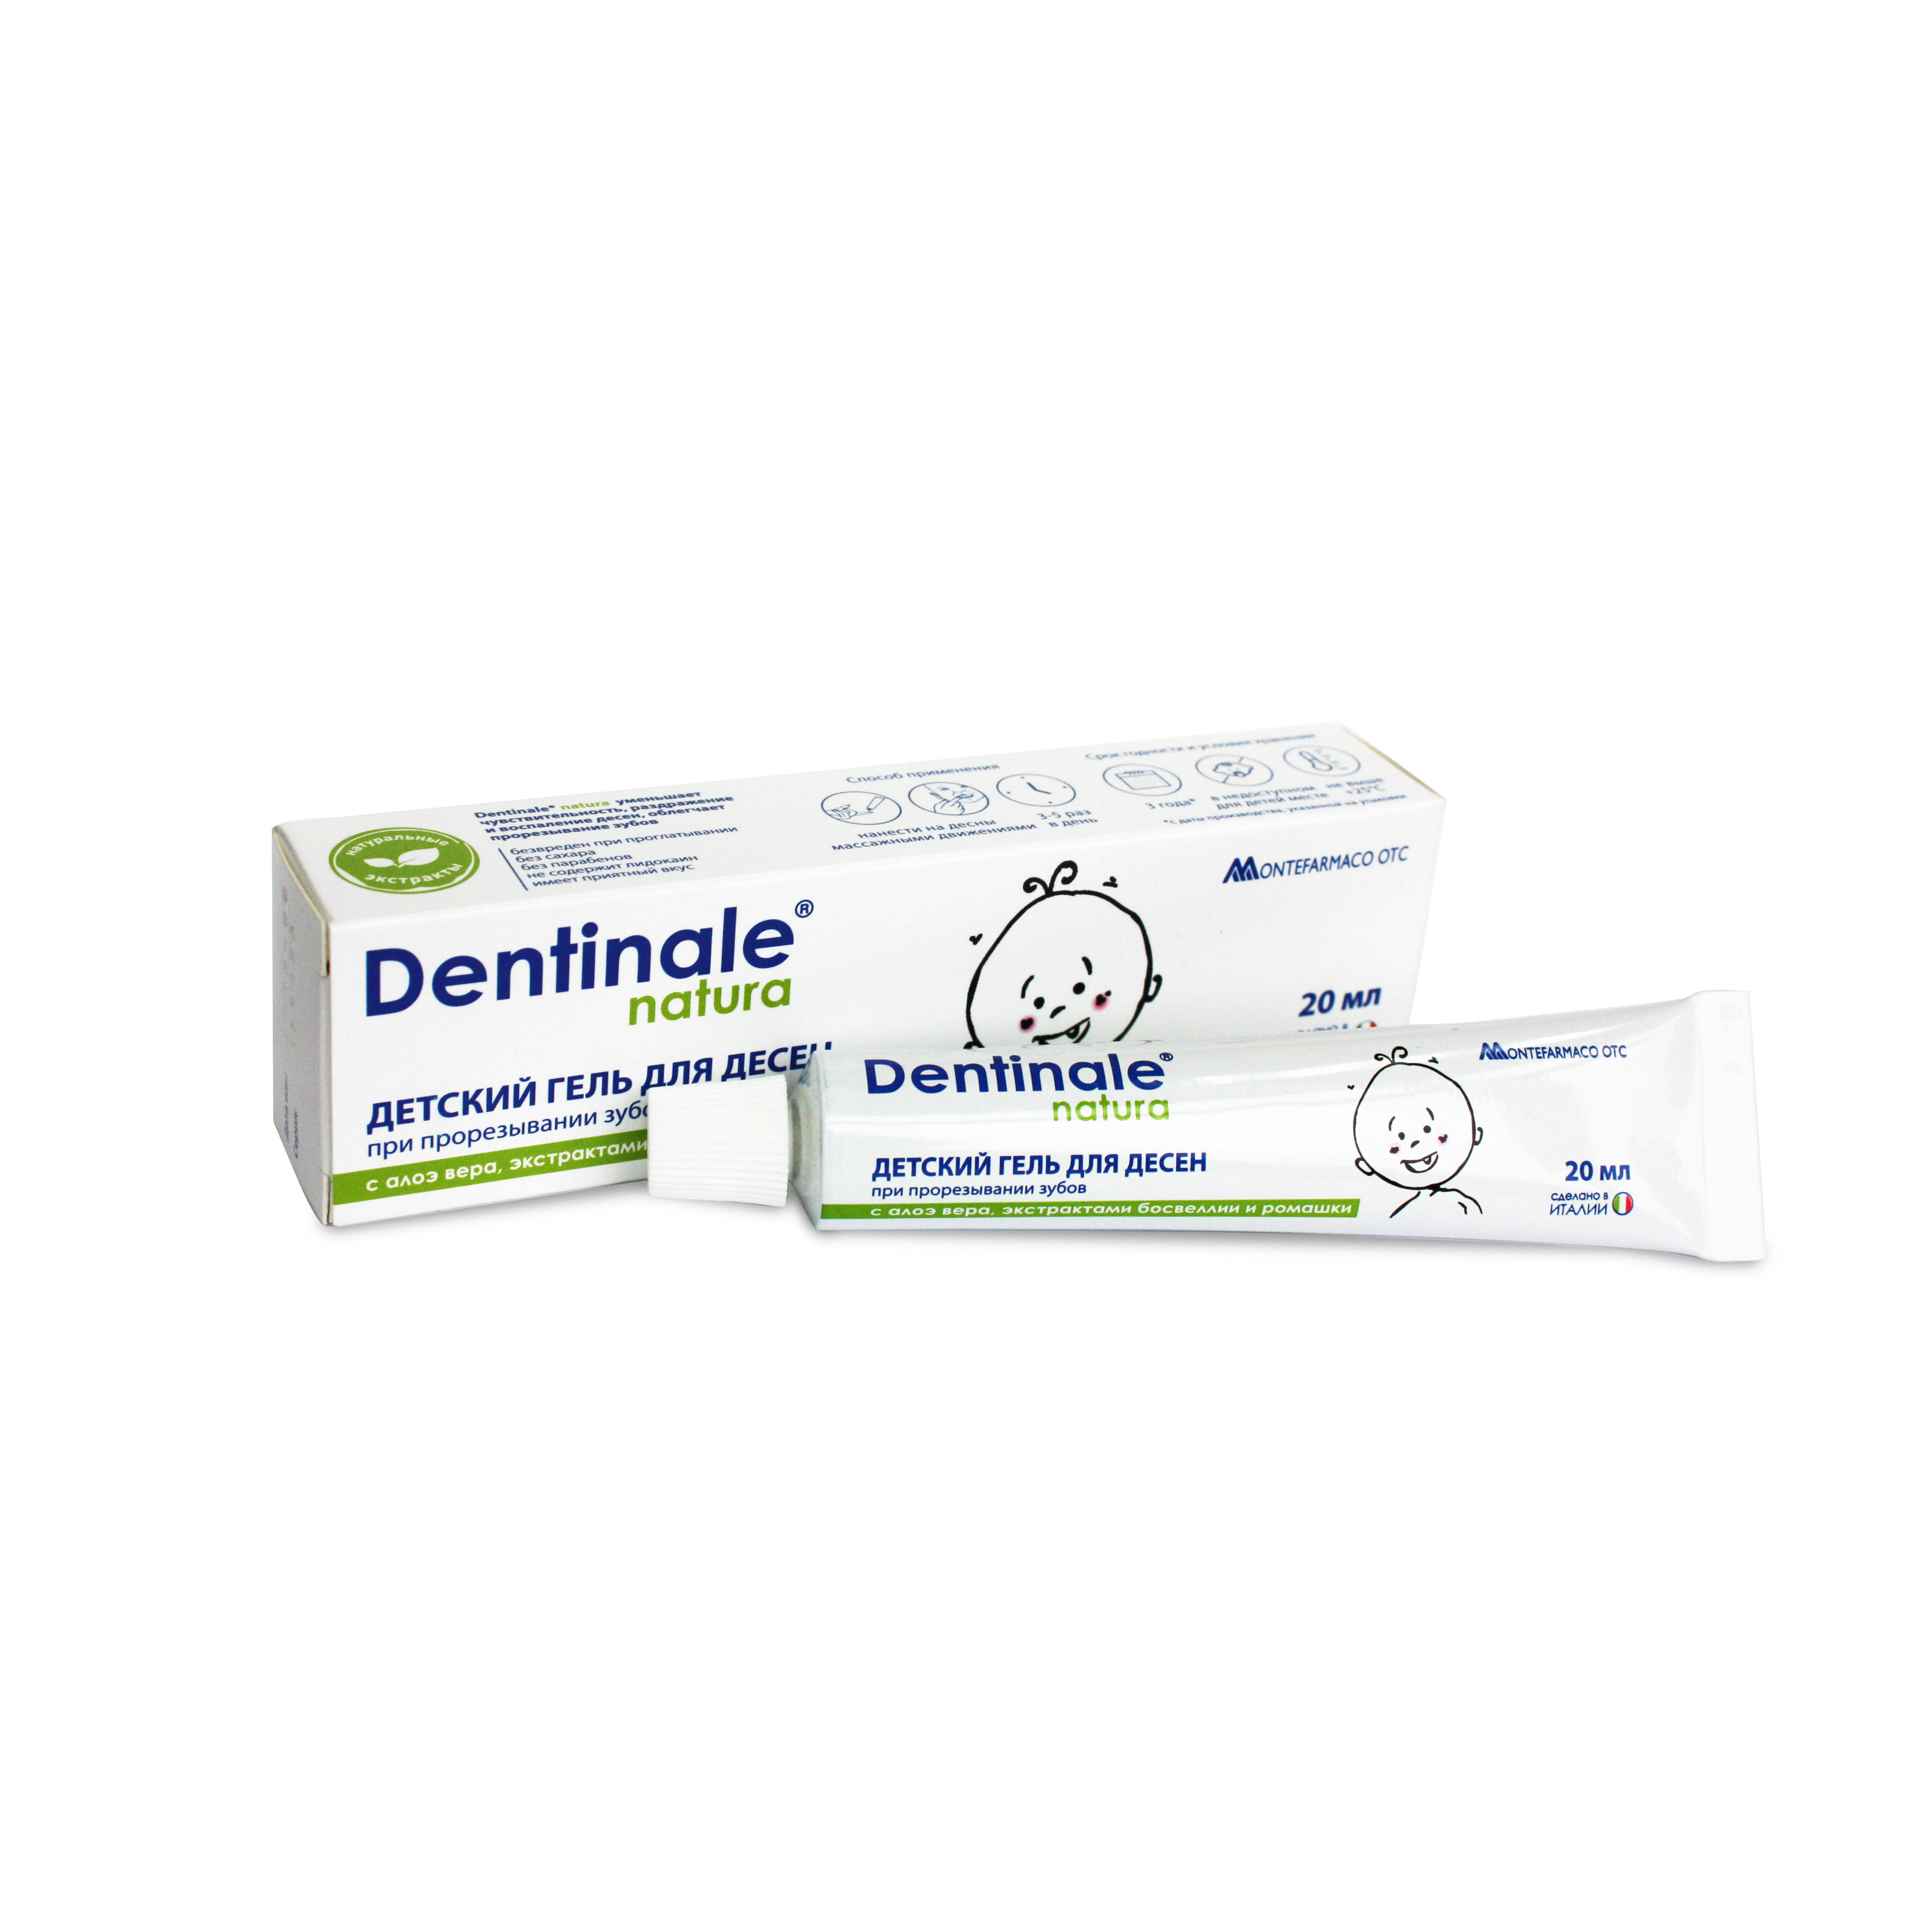 Дентинале натура гель для десен детский при прорезывании зубов туба 20мл